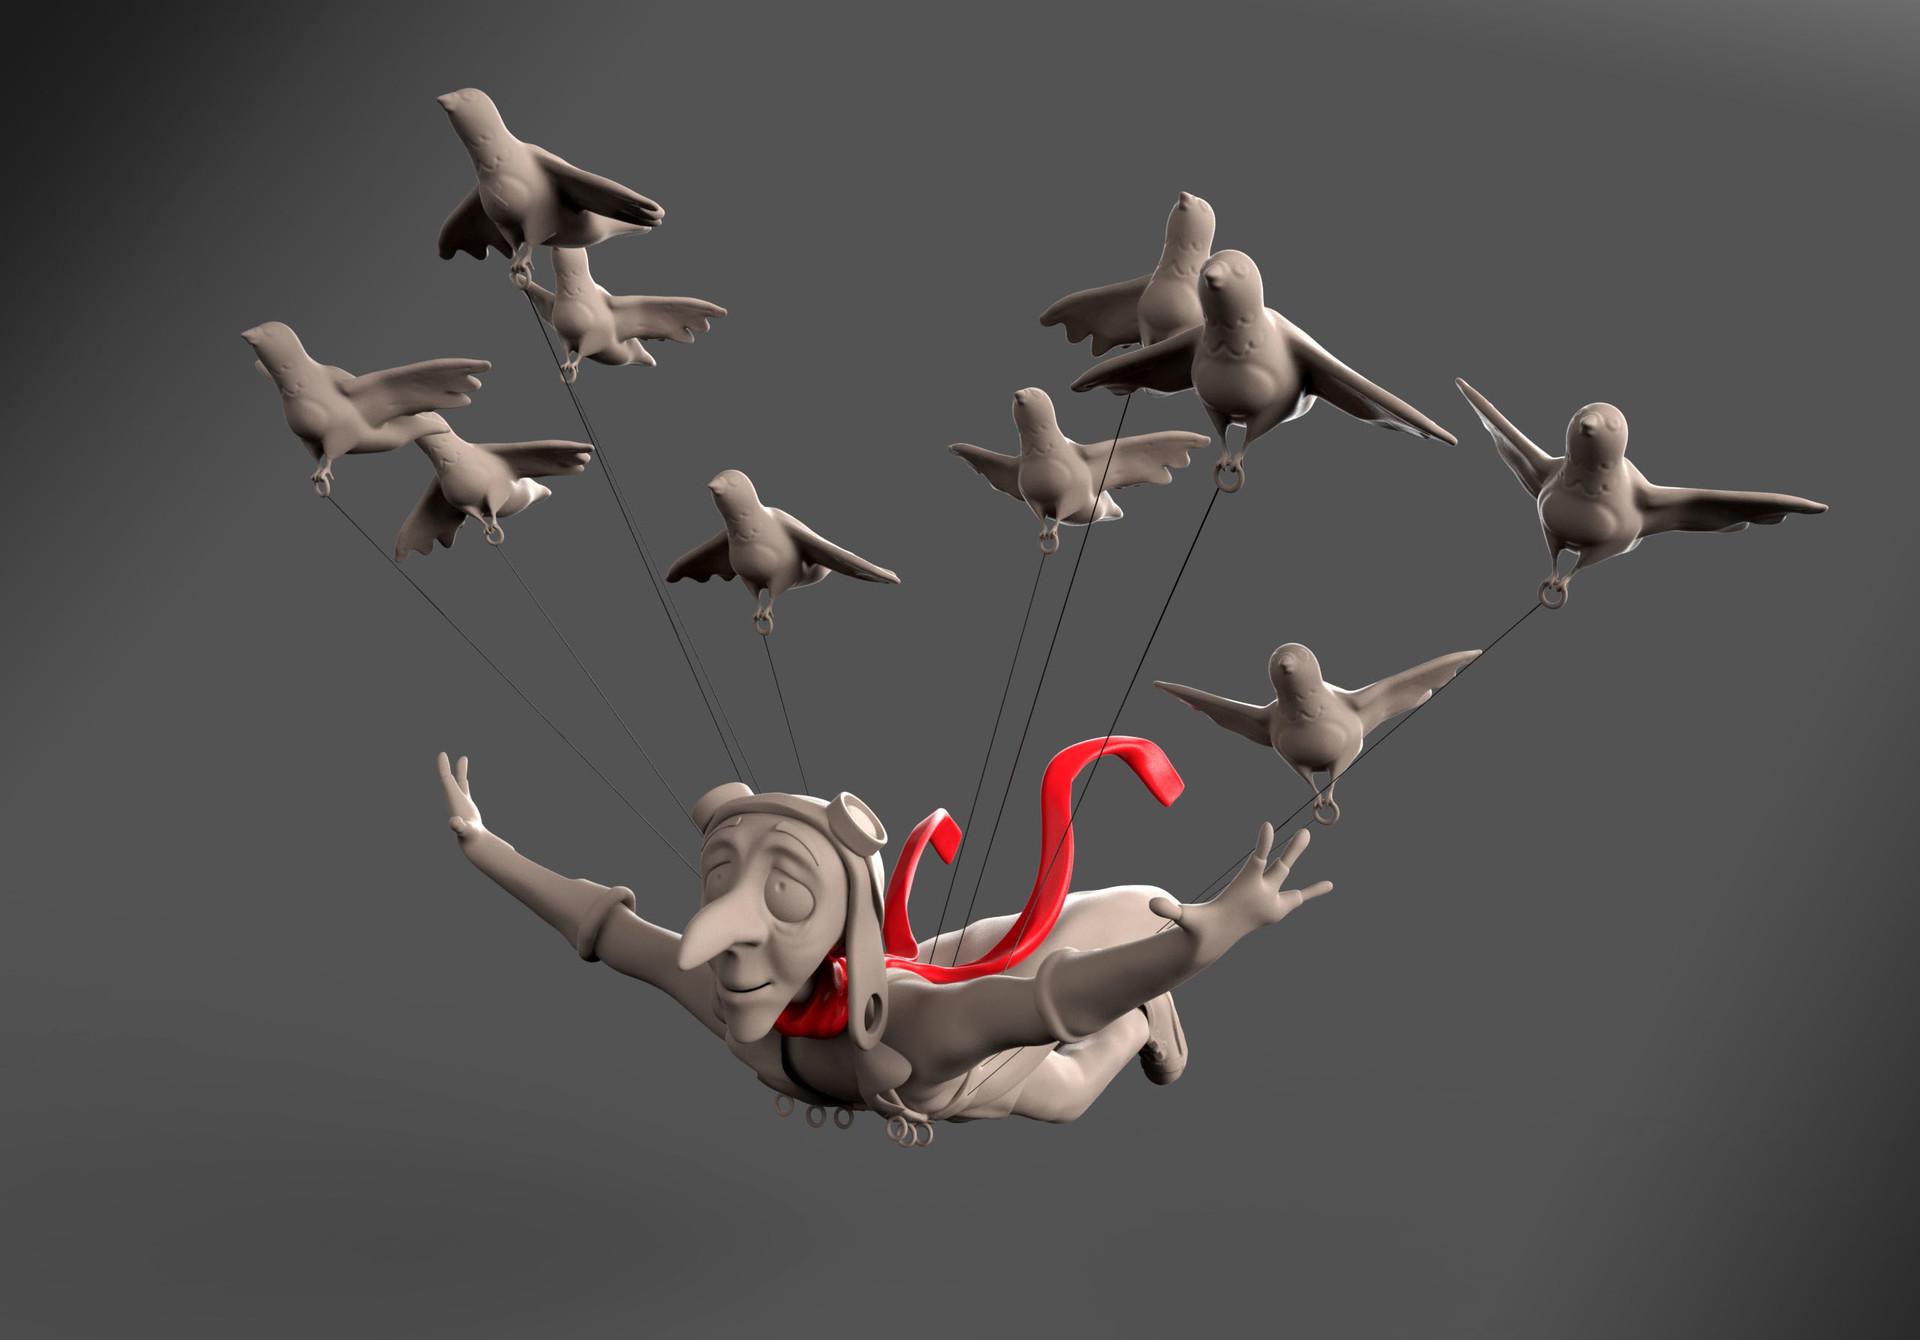 dalex-smith-birdman-clay